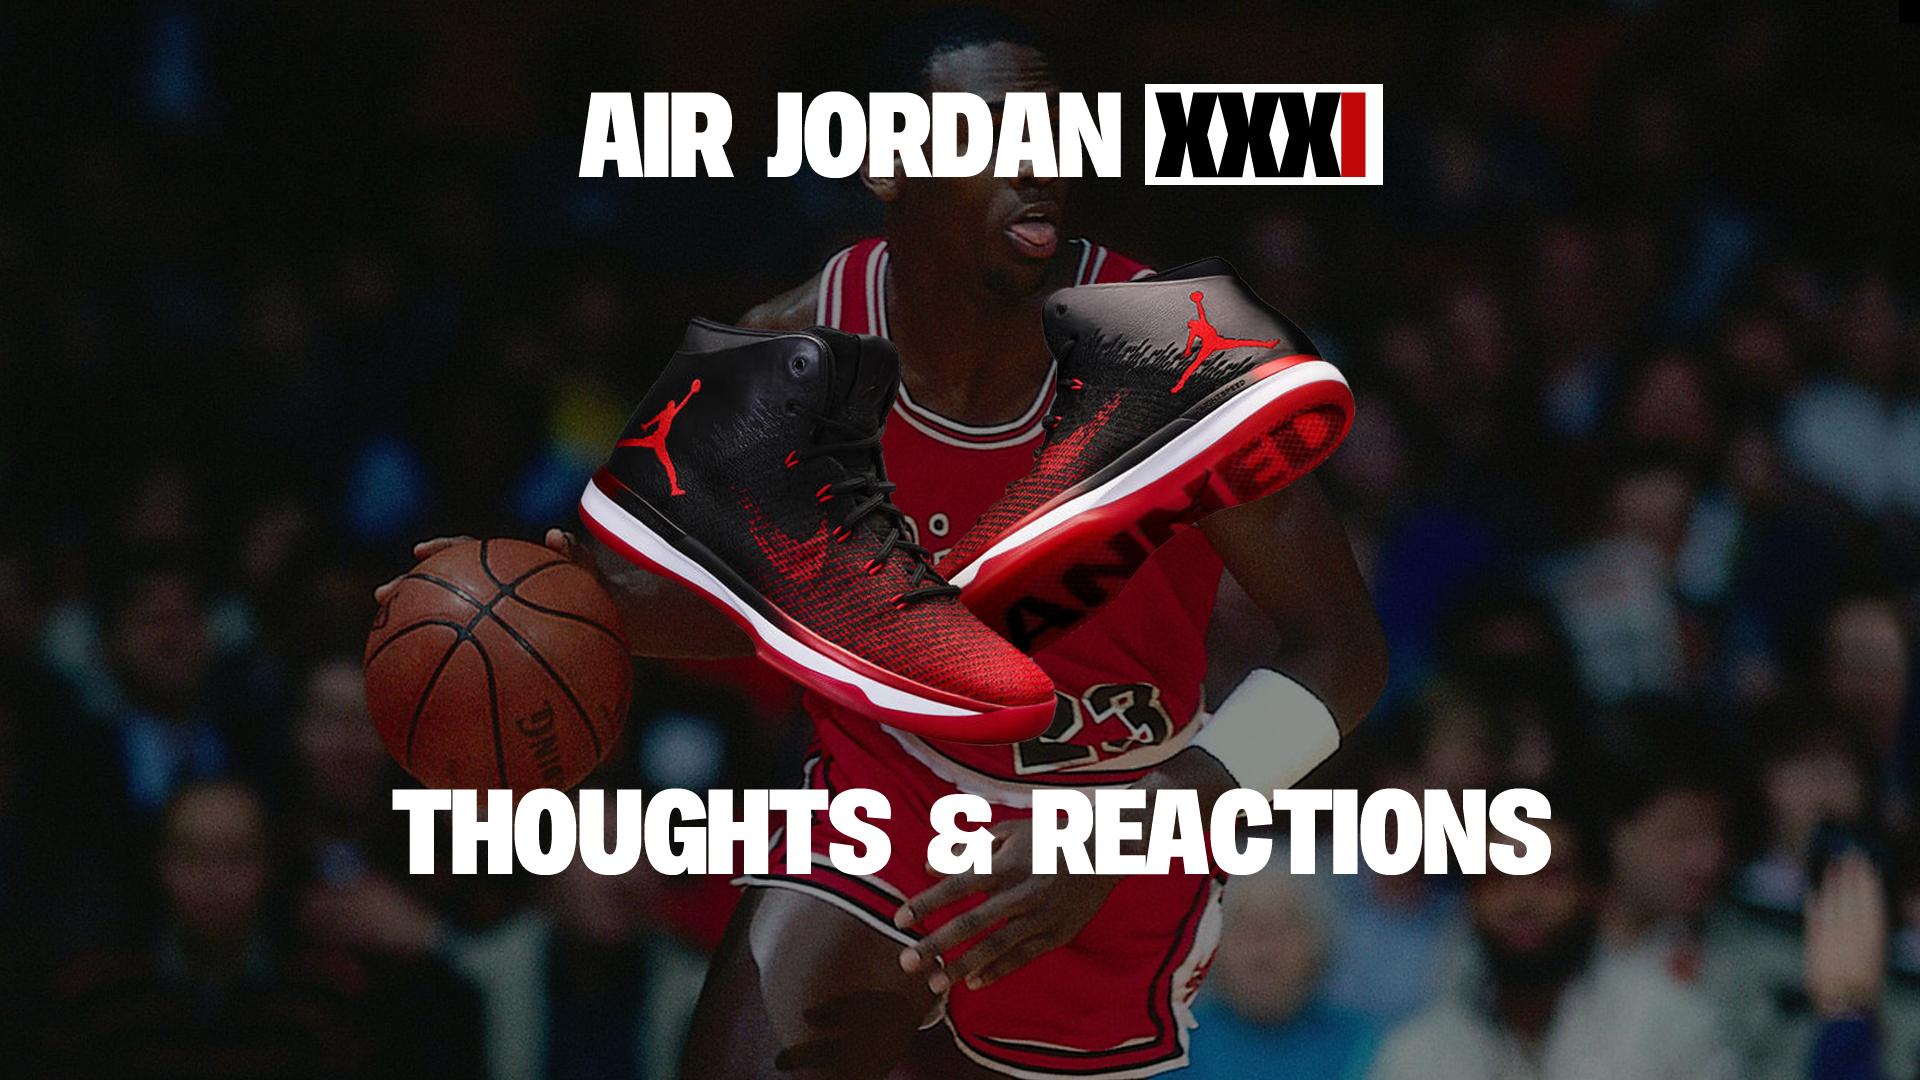 XXXI Thoughts Thumbnail